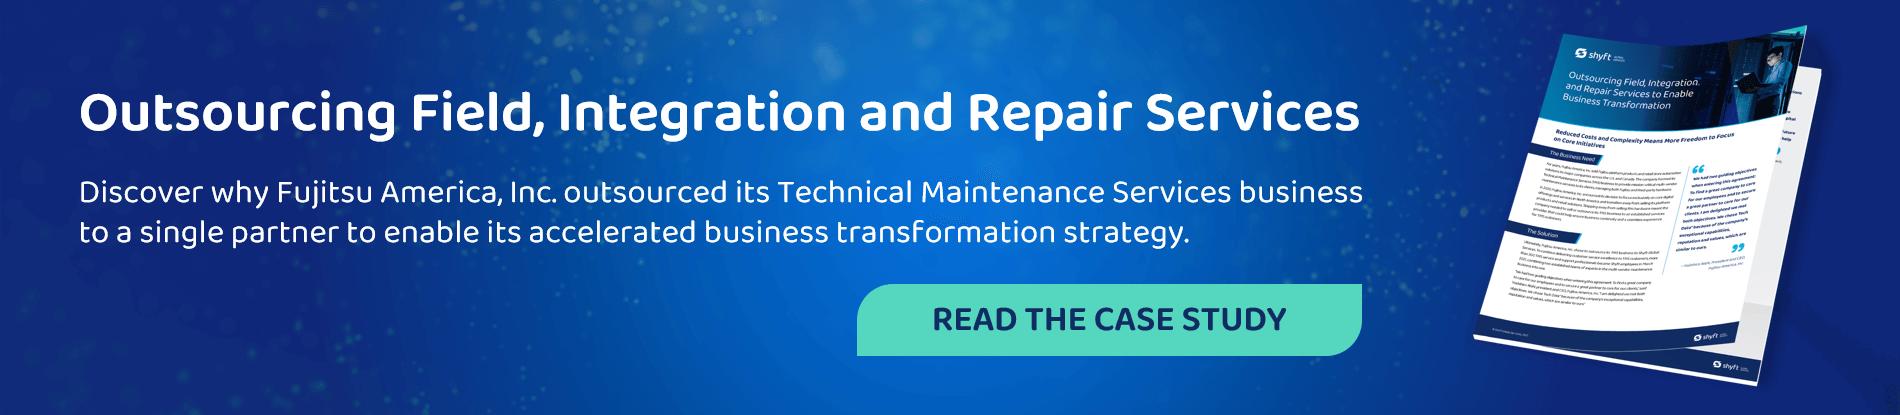 Fujitsu-Field-Services-Case-Study